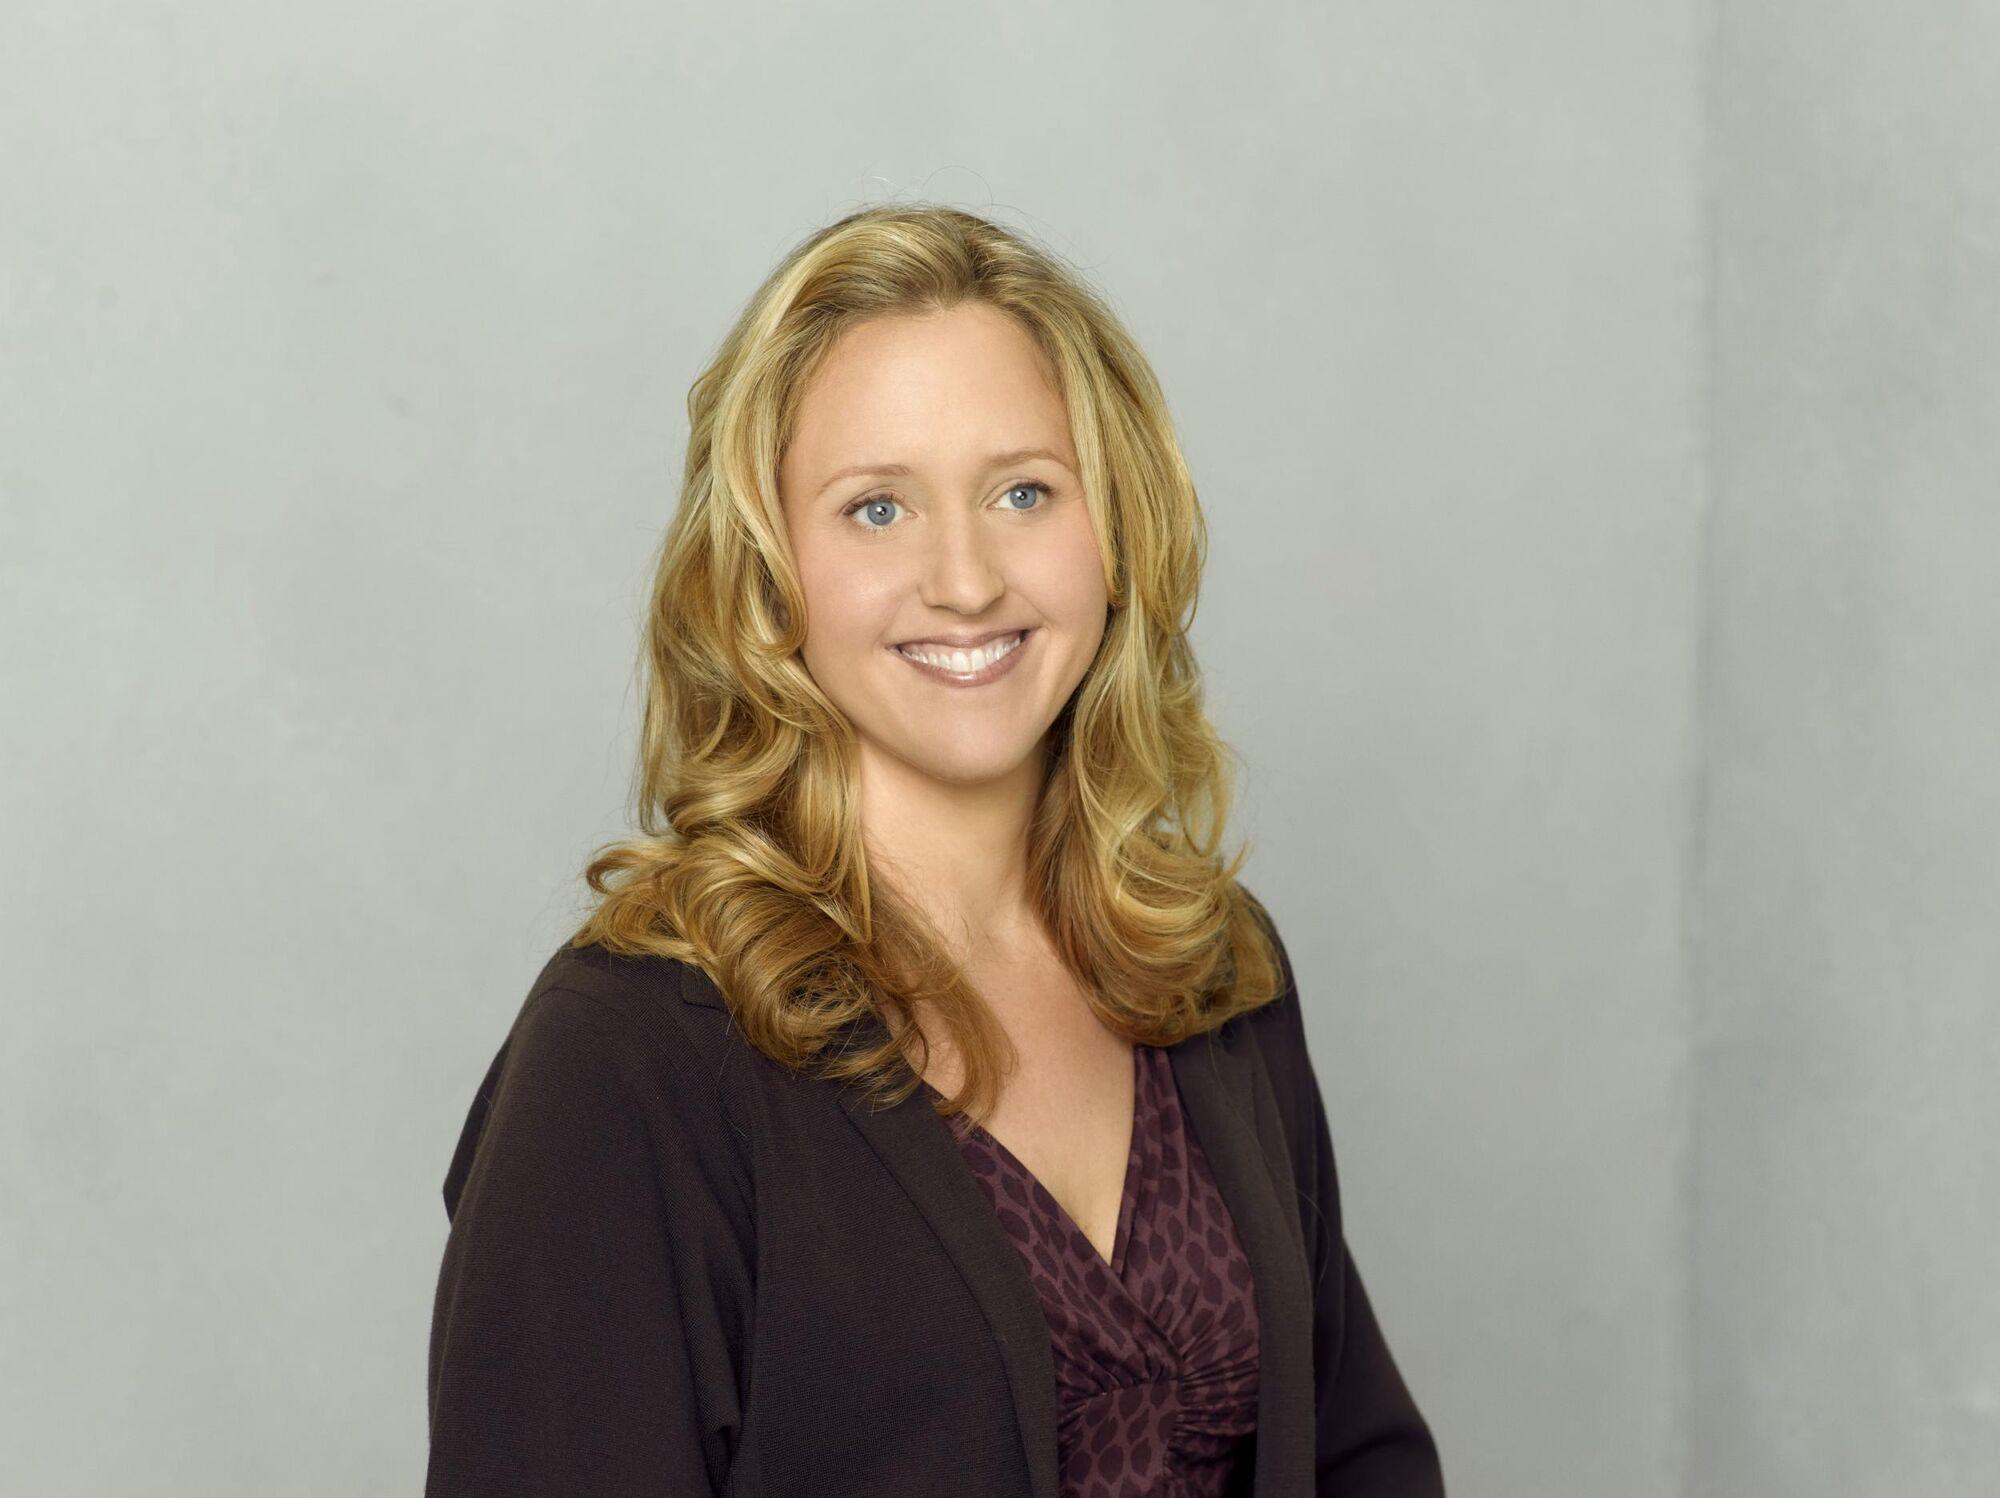 Brooke Smith Greys Anatomy Universe Wiki FANDOM - dinocro.info